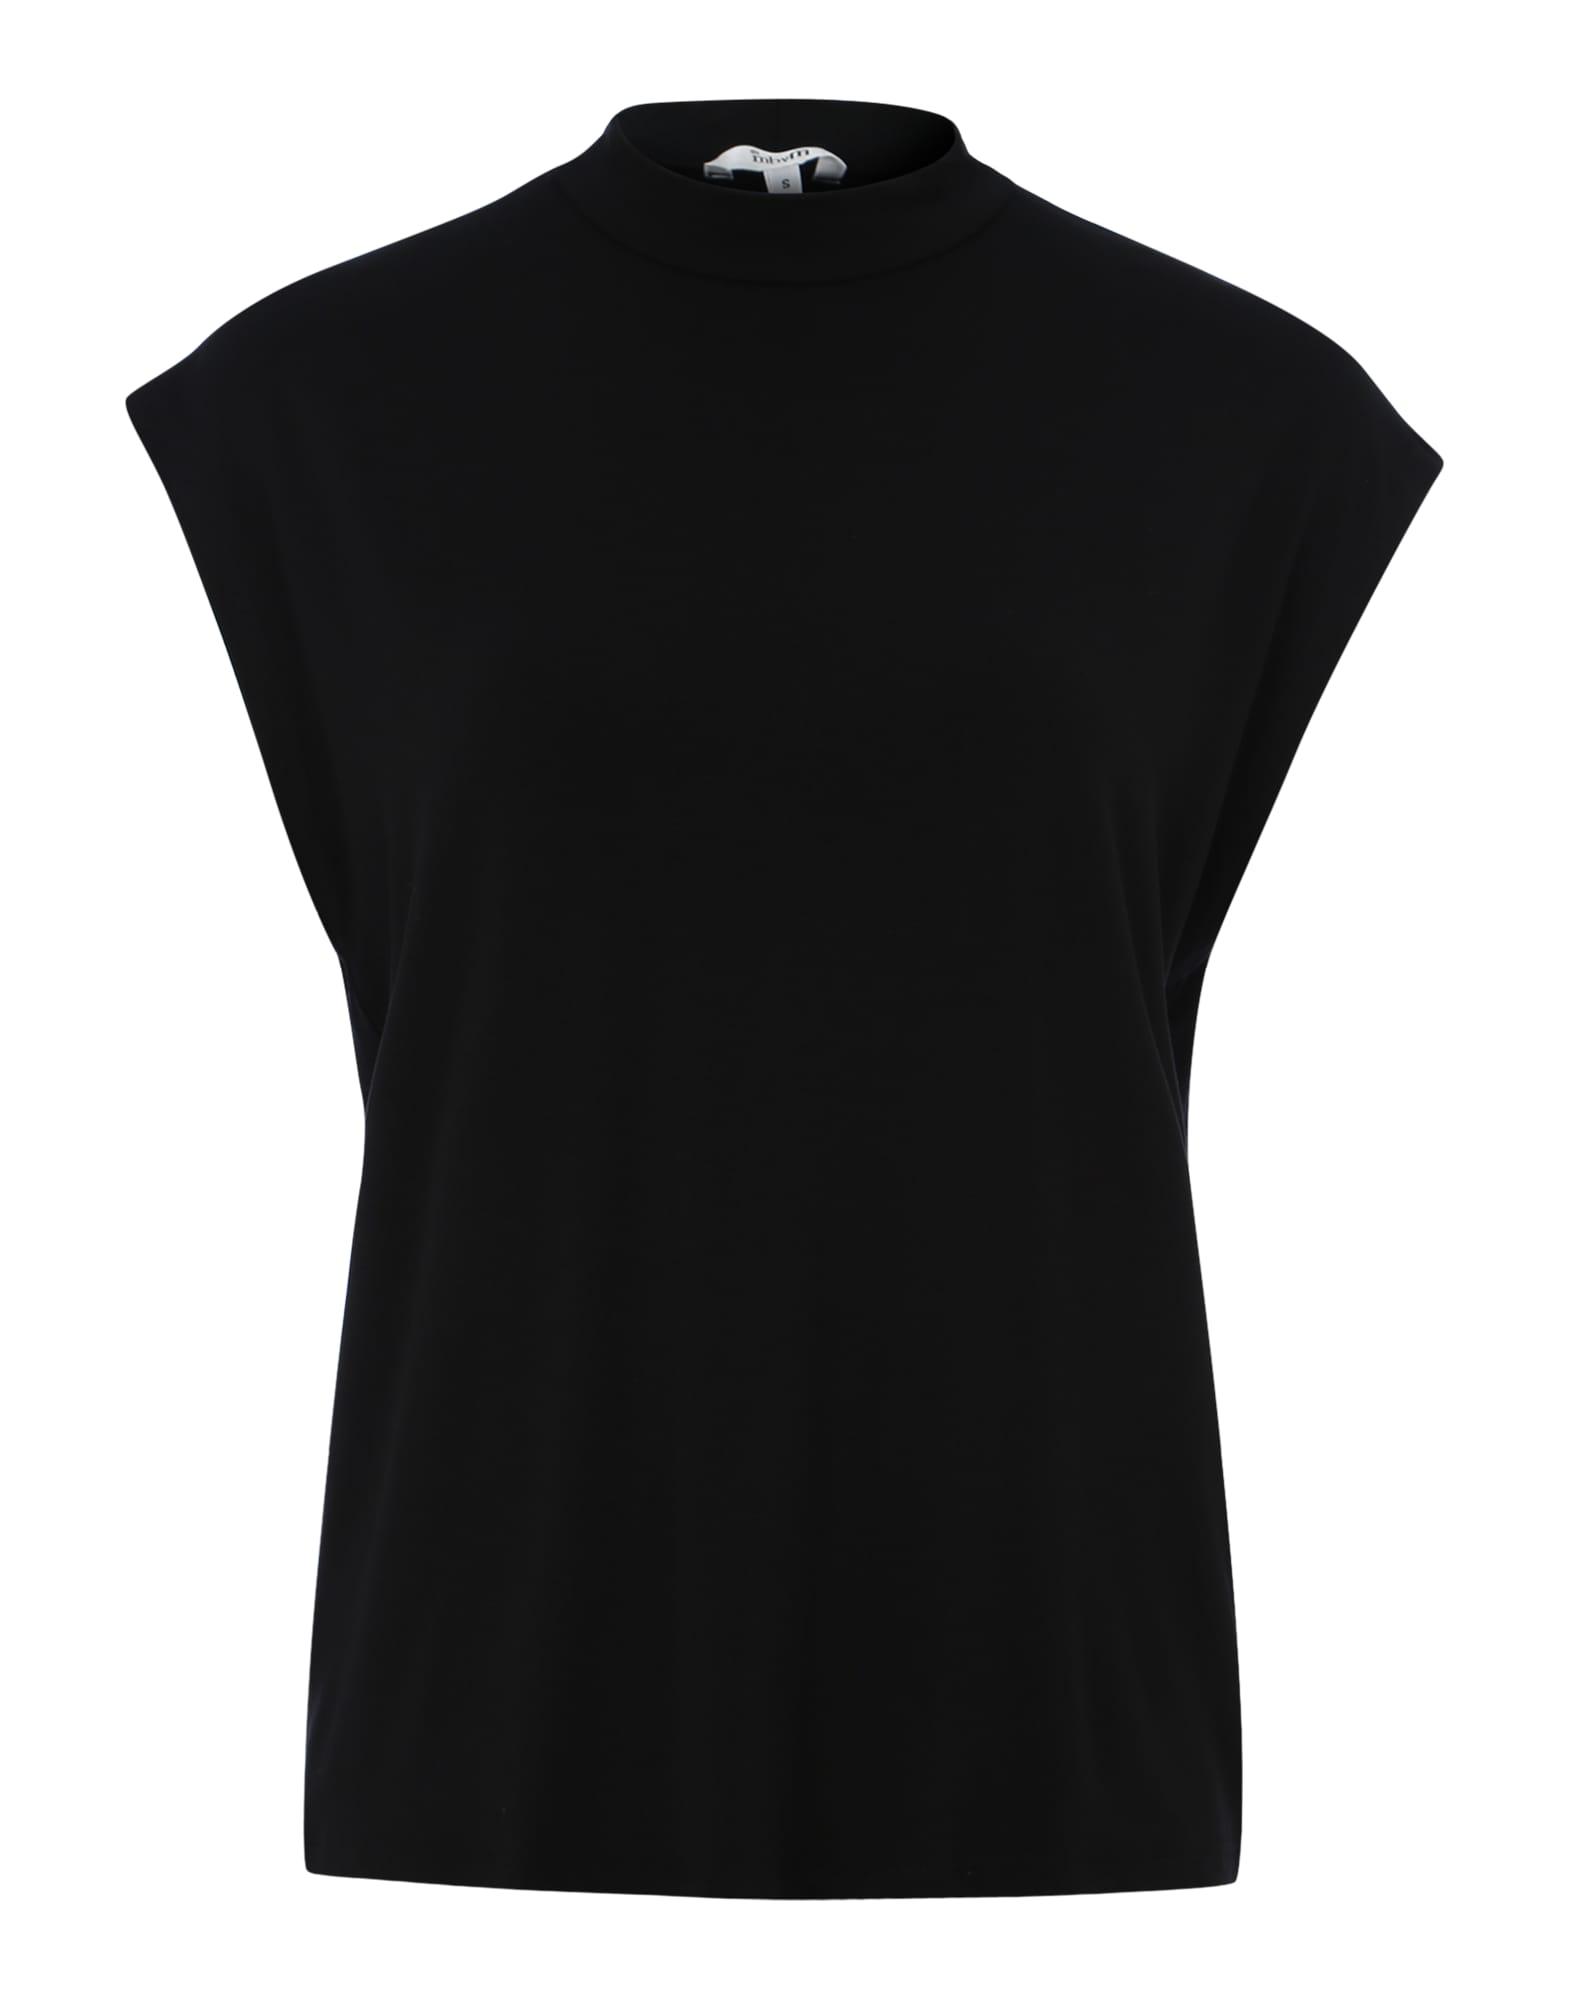 Oversized tričko Loui černá Mbym